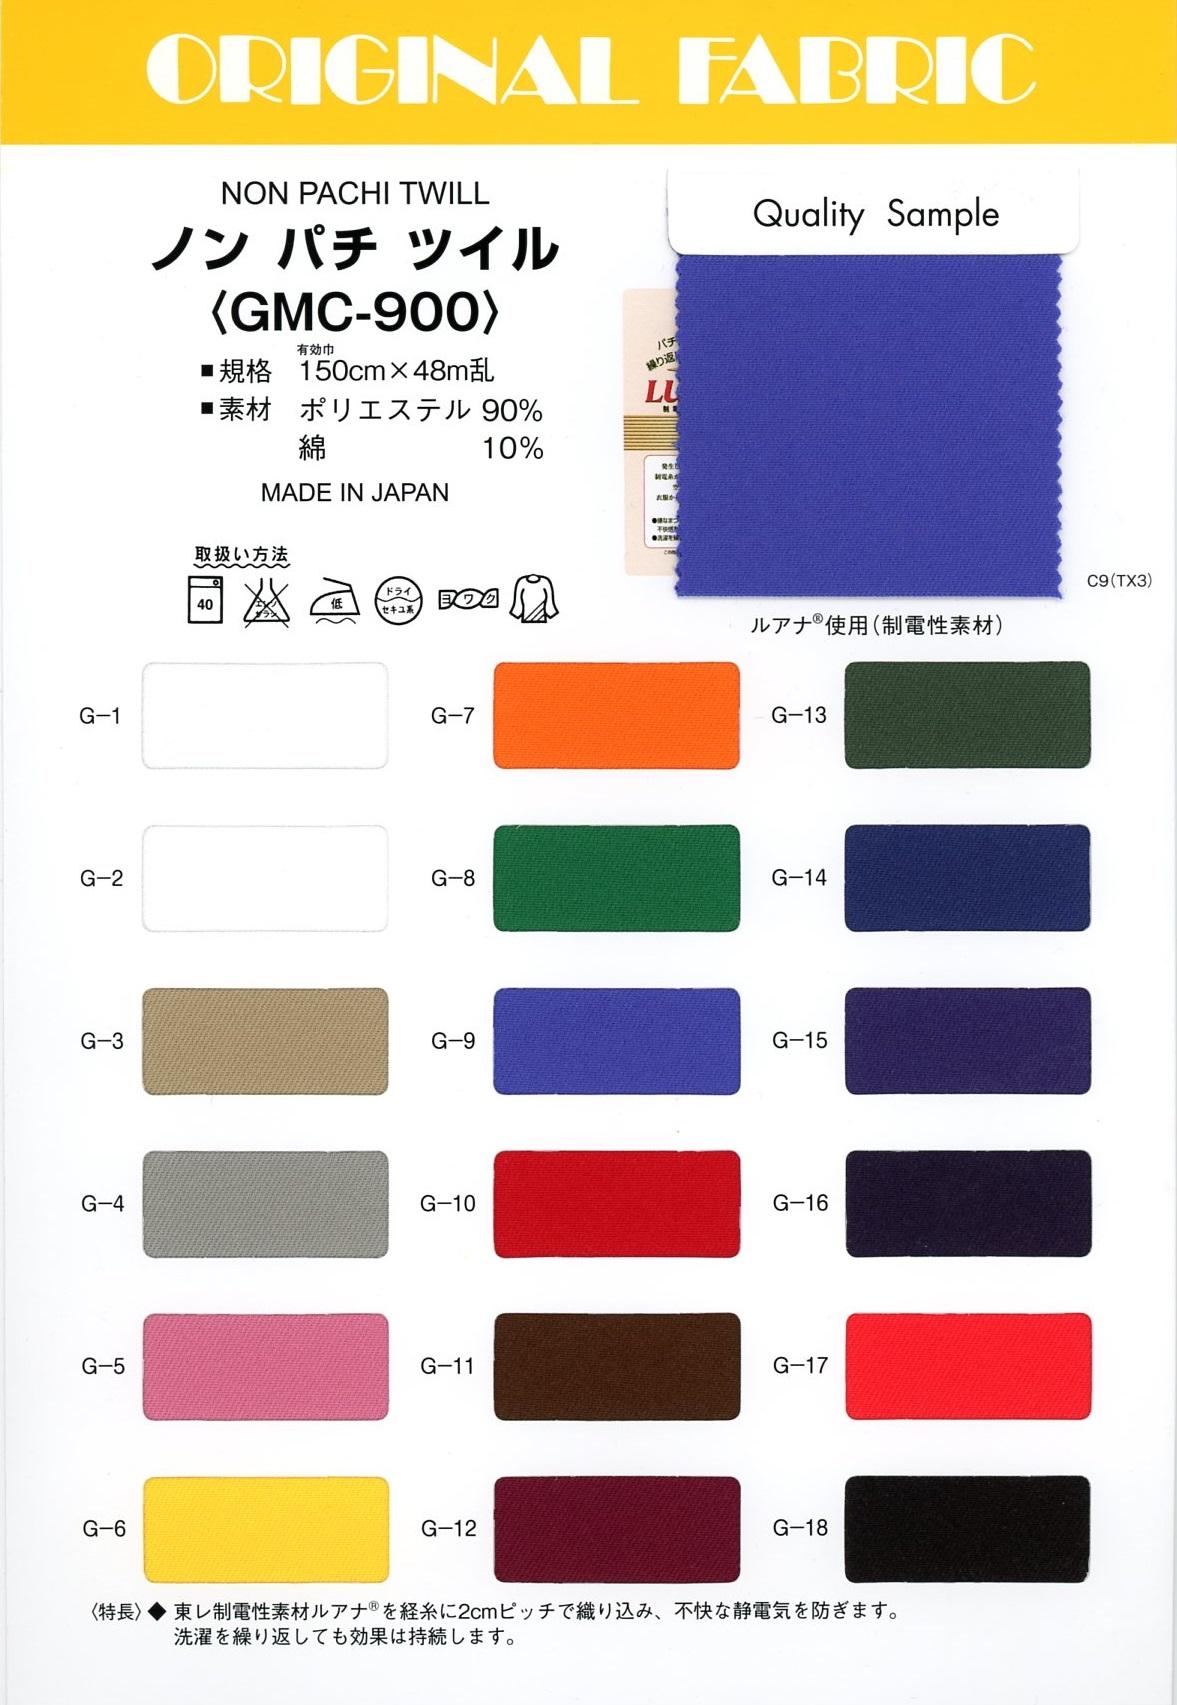 GMC-900 ノン パチ ツイル[生地] Masuda(マスダ)/オークラ商事 - ApparelX アパレル資材卸通販